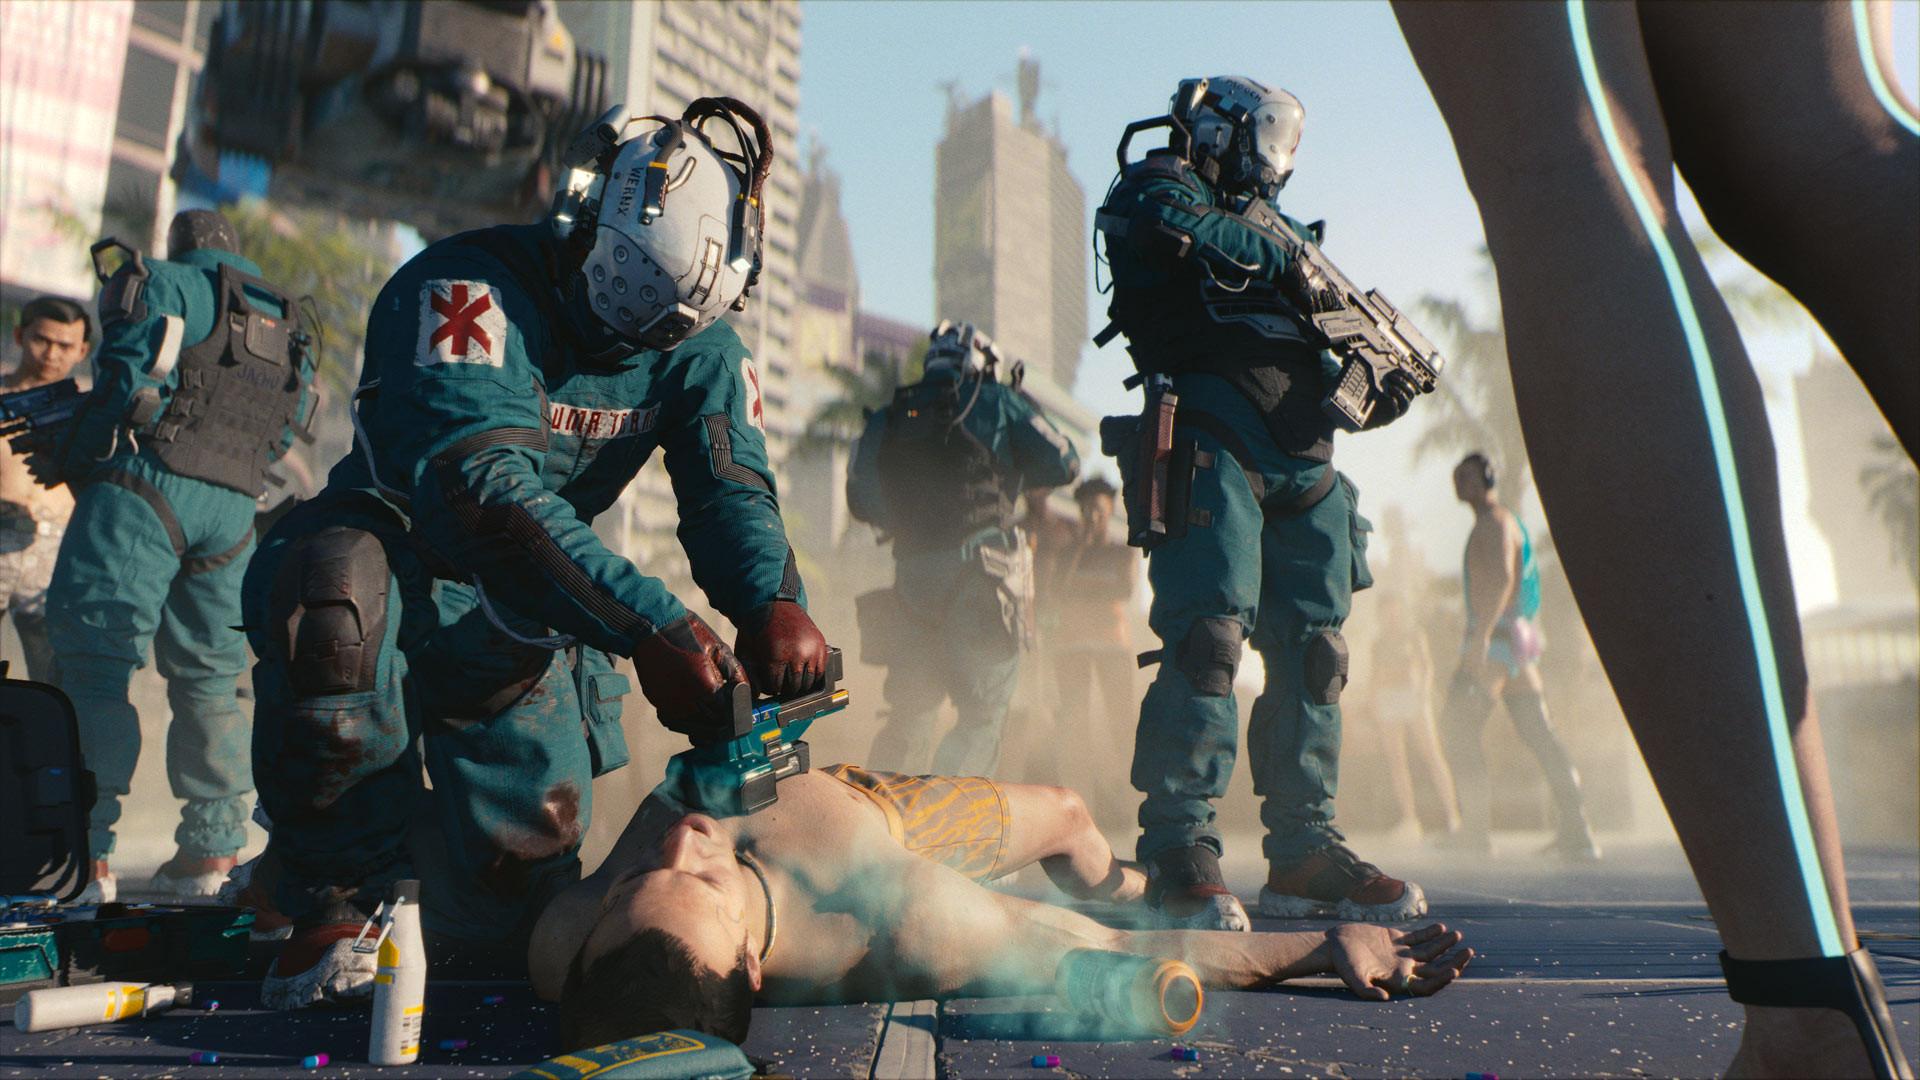 «В основе всего лежит простая человеческая мораль» — Майк Пондсмит о Cyberpunk 2077